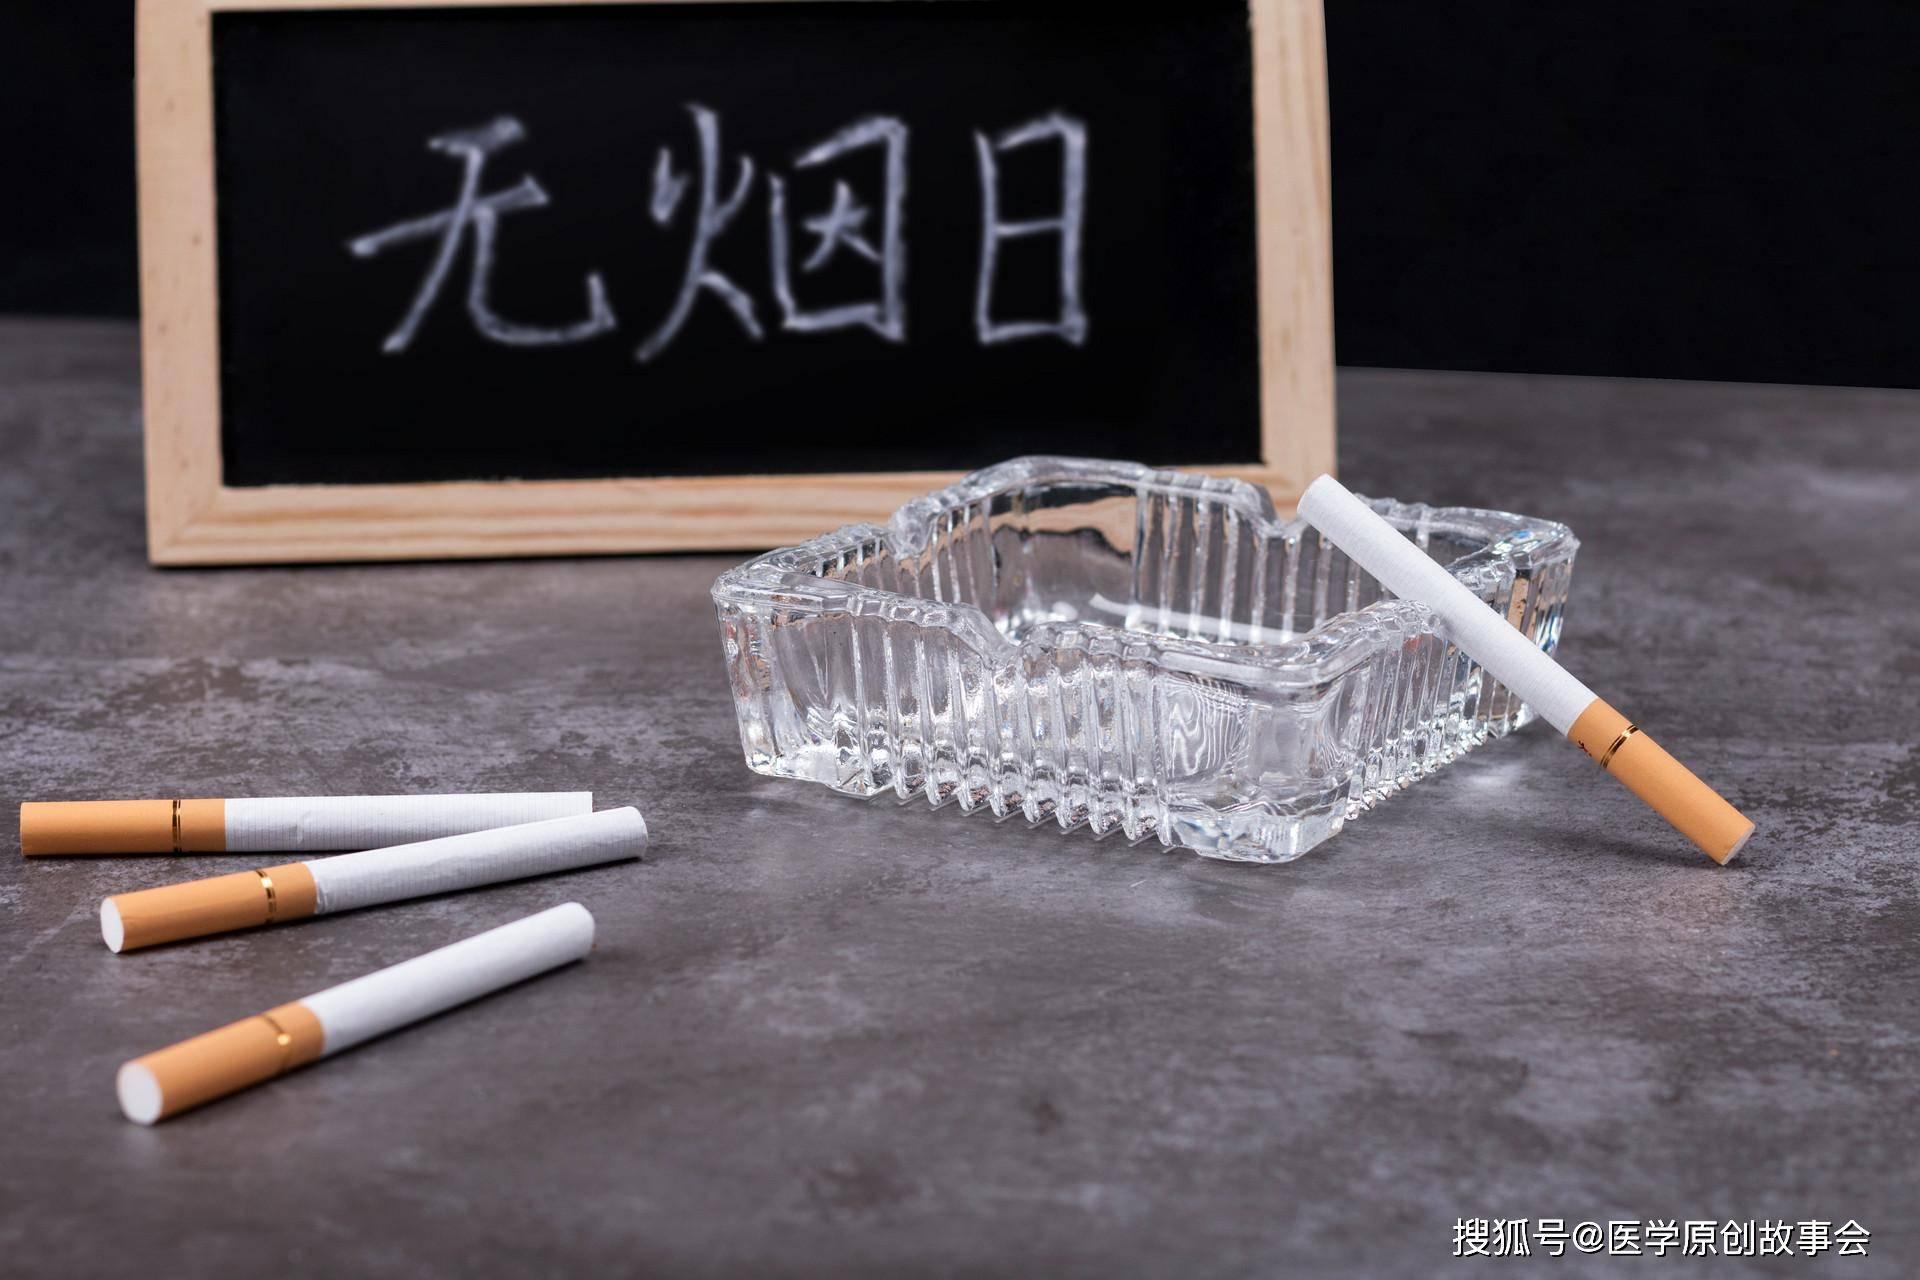 原创寿命短的男人,吸烟时有四个共同点,若你四个都有,提示该体检了